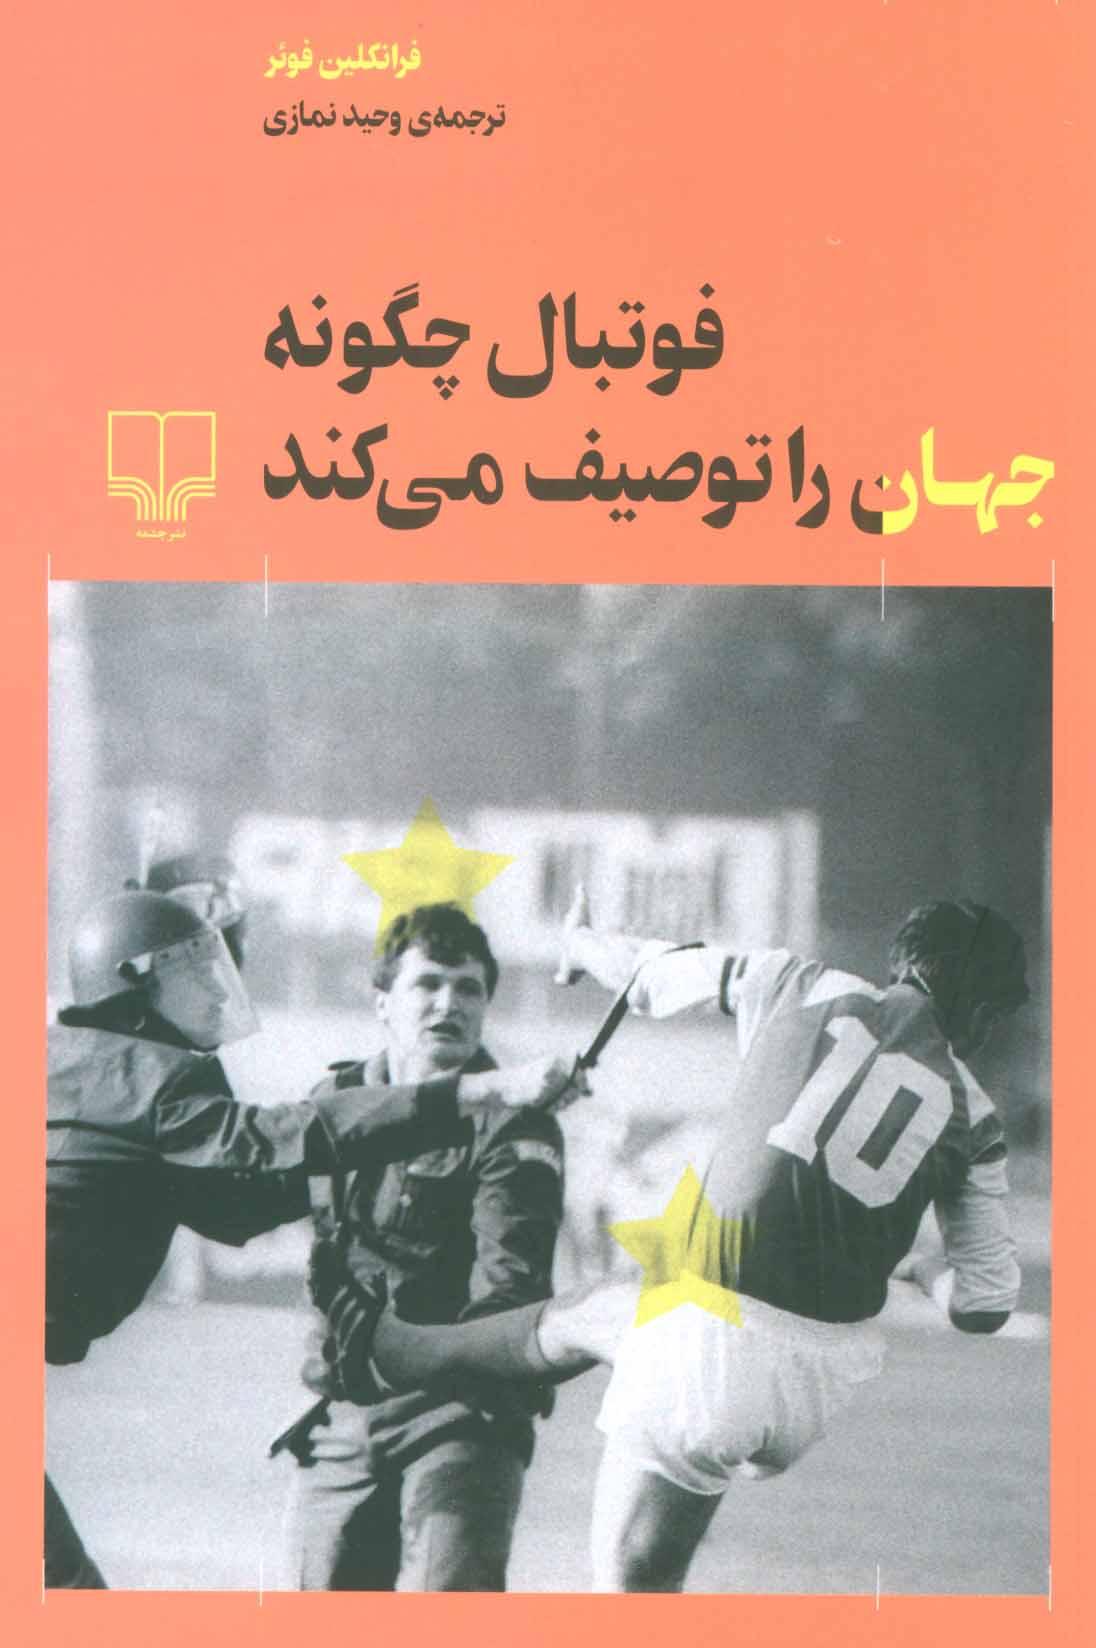 کتاب فوتبال چگونه جهان را توصیف میکند